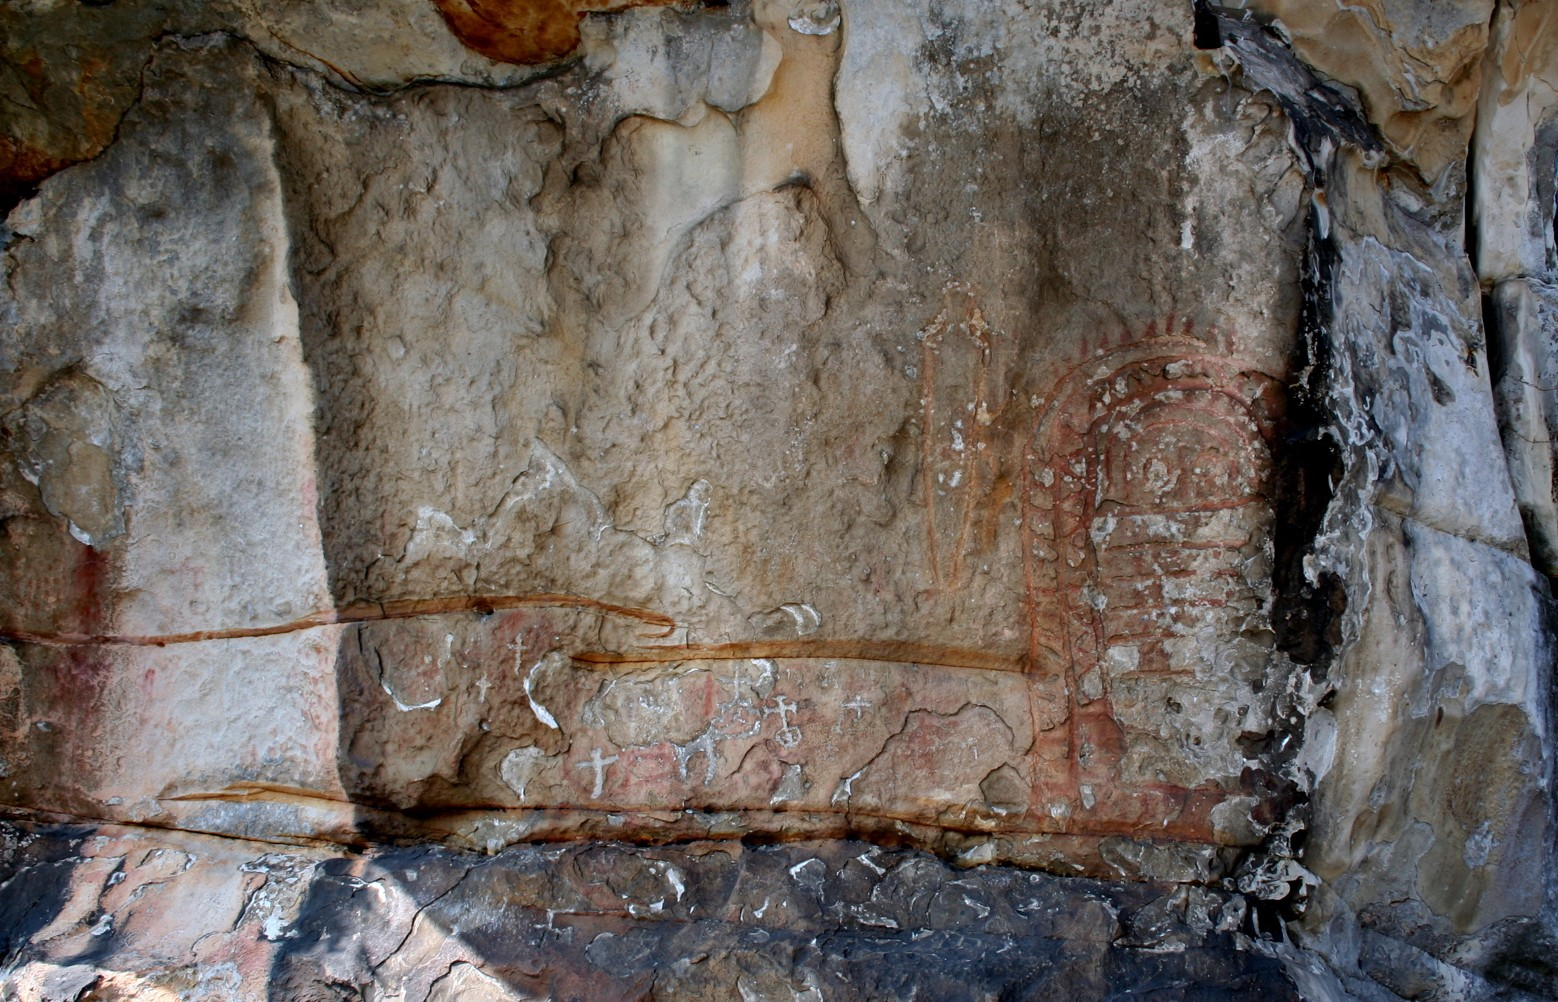 Vista general del conjunto rupestre de Peña Tú